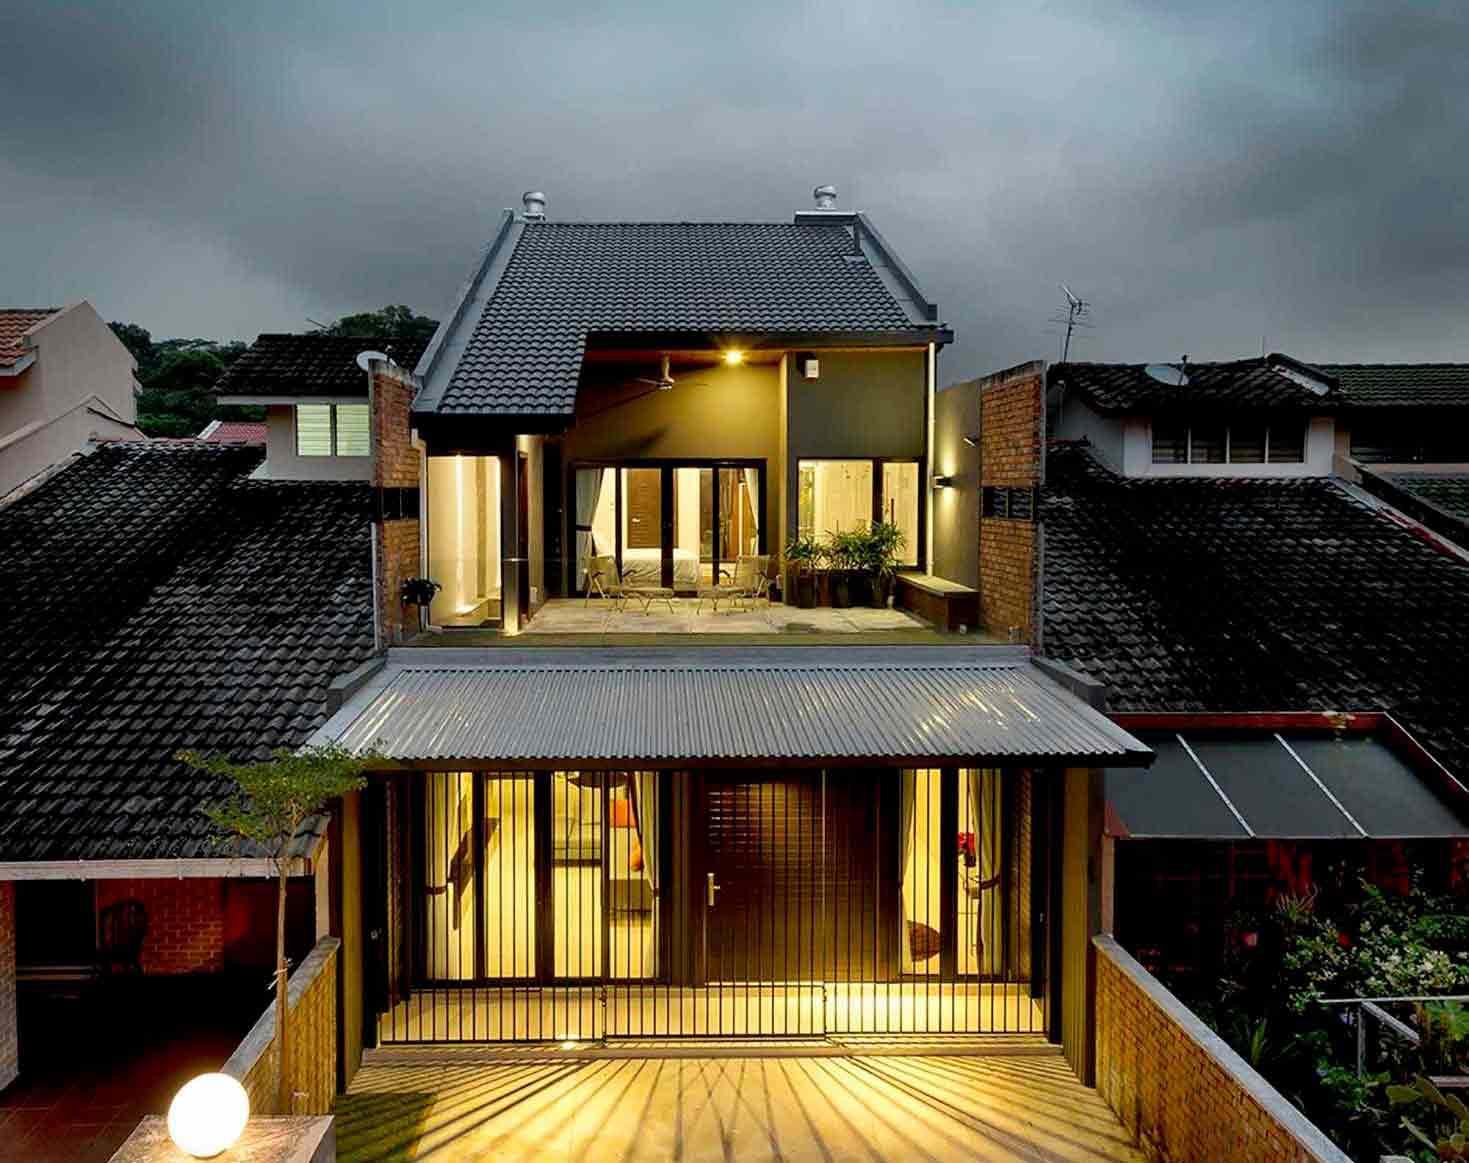 Desain Renovasi Rumah Industrial Minimalis dengan Balkon Taman Super Luas | Foto artikel Arsitag